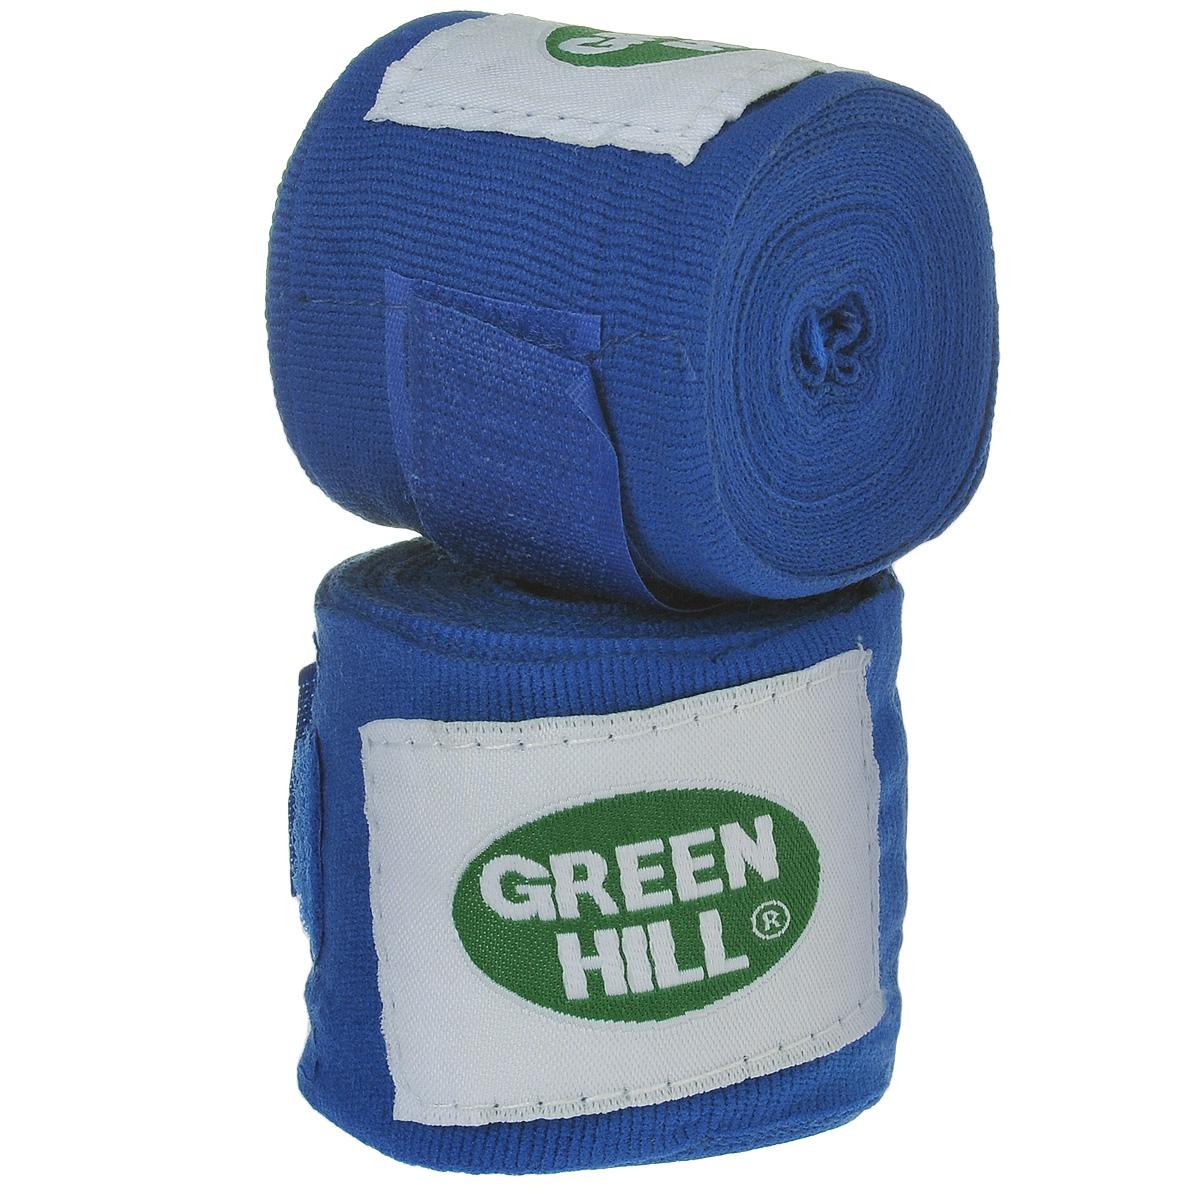 Бинты боксерские Green Hill, эластик, цвет: синий, 3,5 м, 2 штВР-6232-35Бинты Green Hill предназначены для защиты запястья во время занятий боксом. Изготовлены из высококачественного хлопка с добавлением эластана. Бинты надежно закрепляются на руке застежкой на липучке.Длина бинтов: 3,5 м.